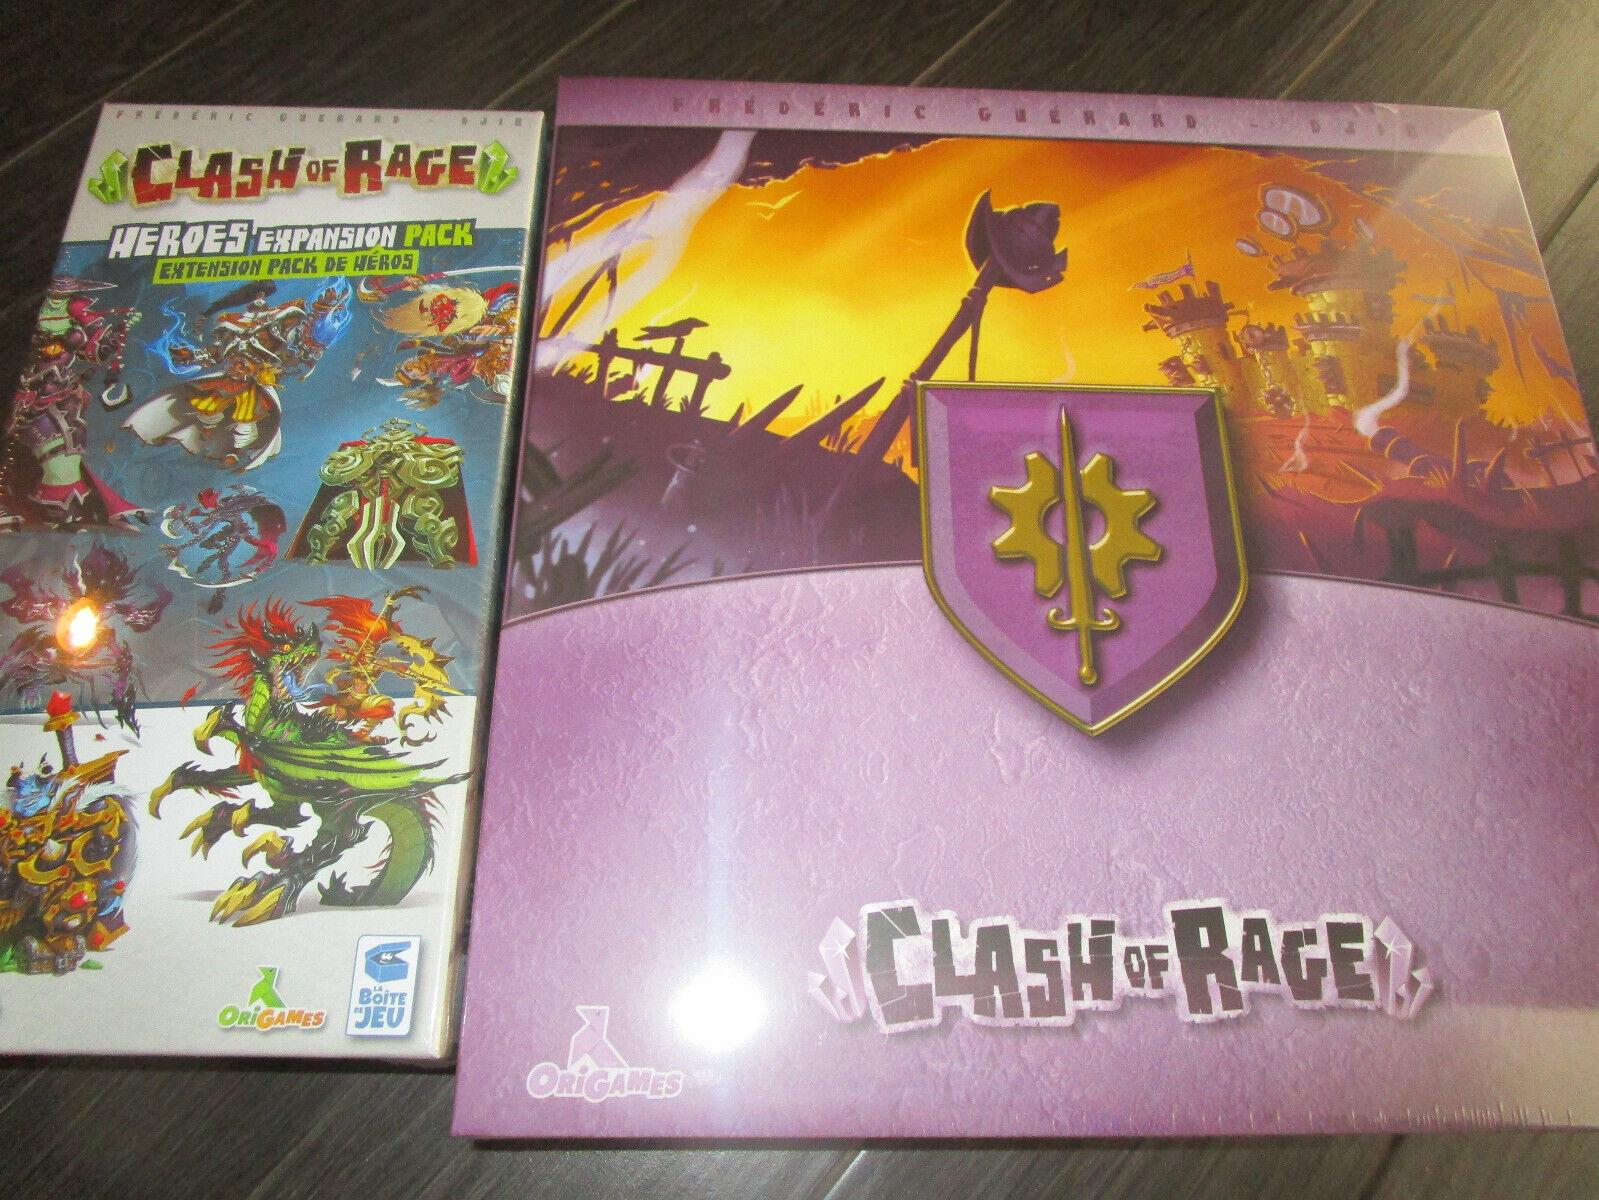 encuentra tu favorito aquí Clash of Rage Rage Rage steamfield baronny promesa y arranque exclusivo héroes de expansión  venderse como panqueques